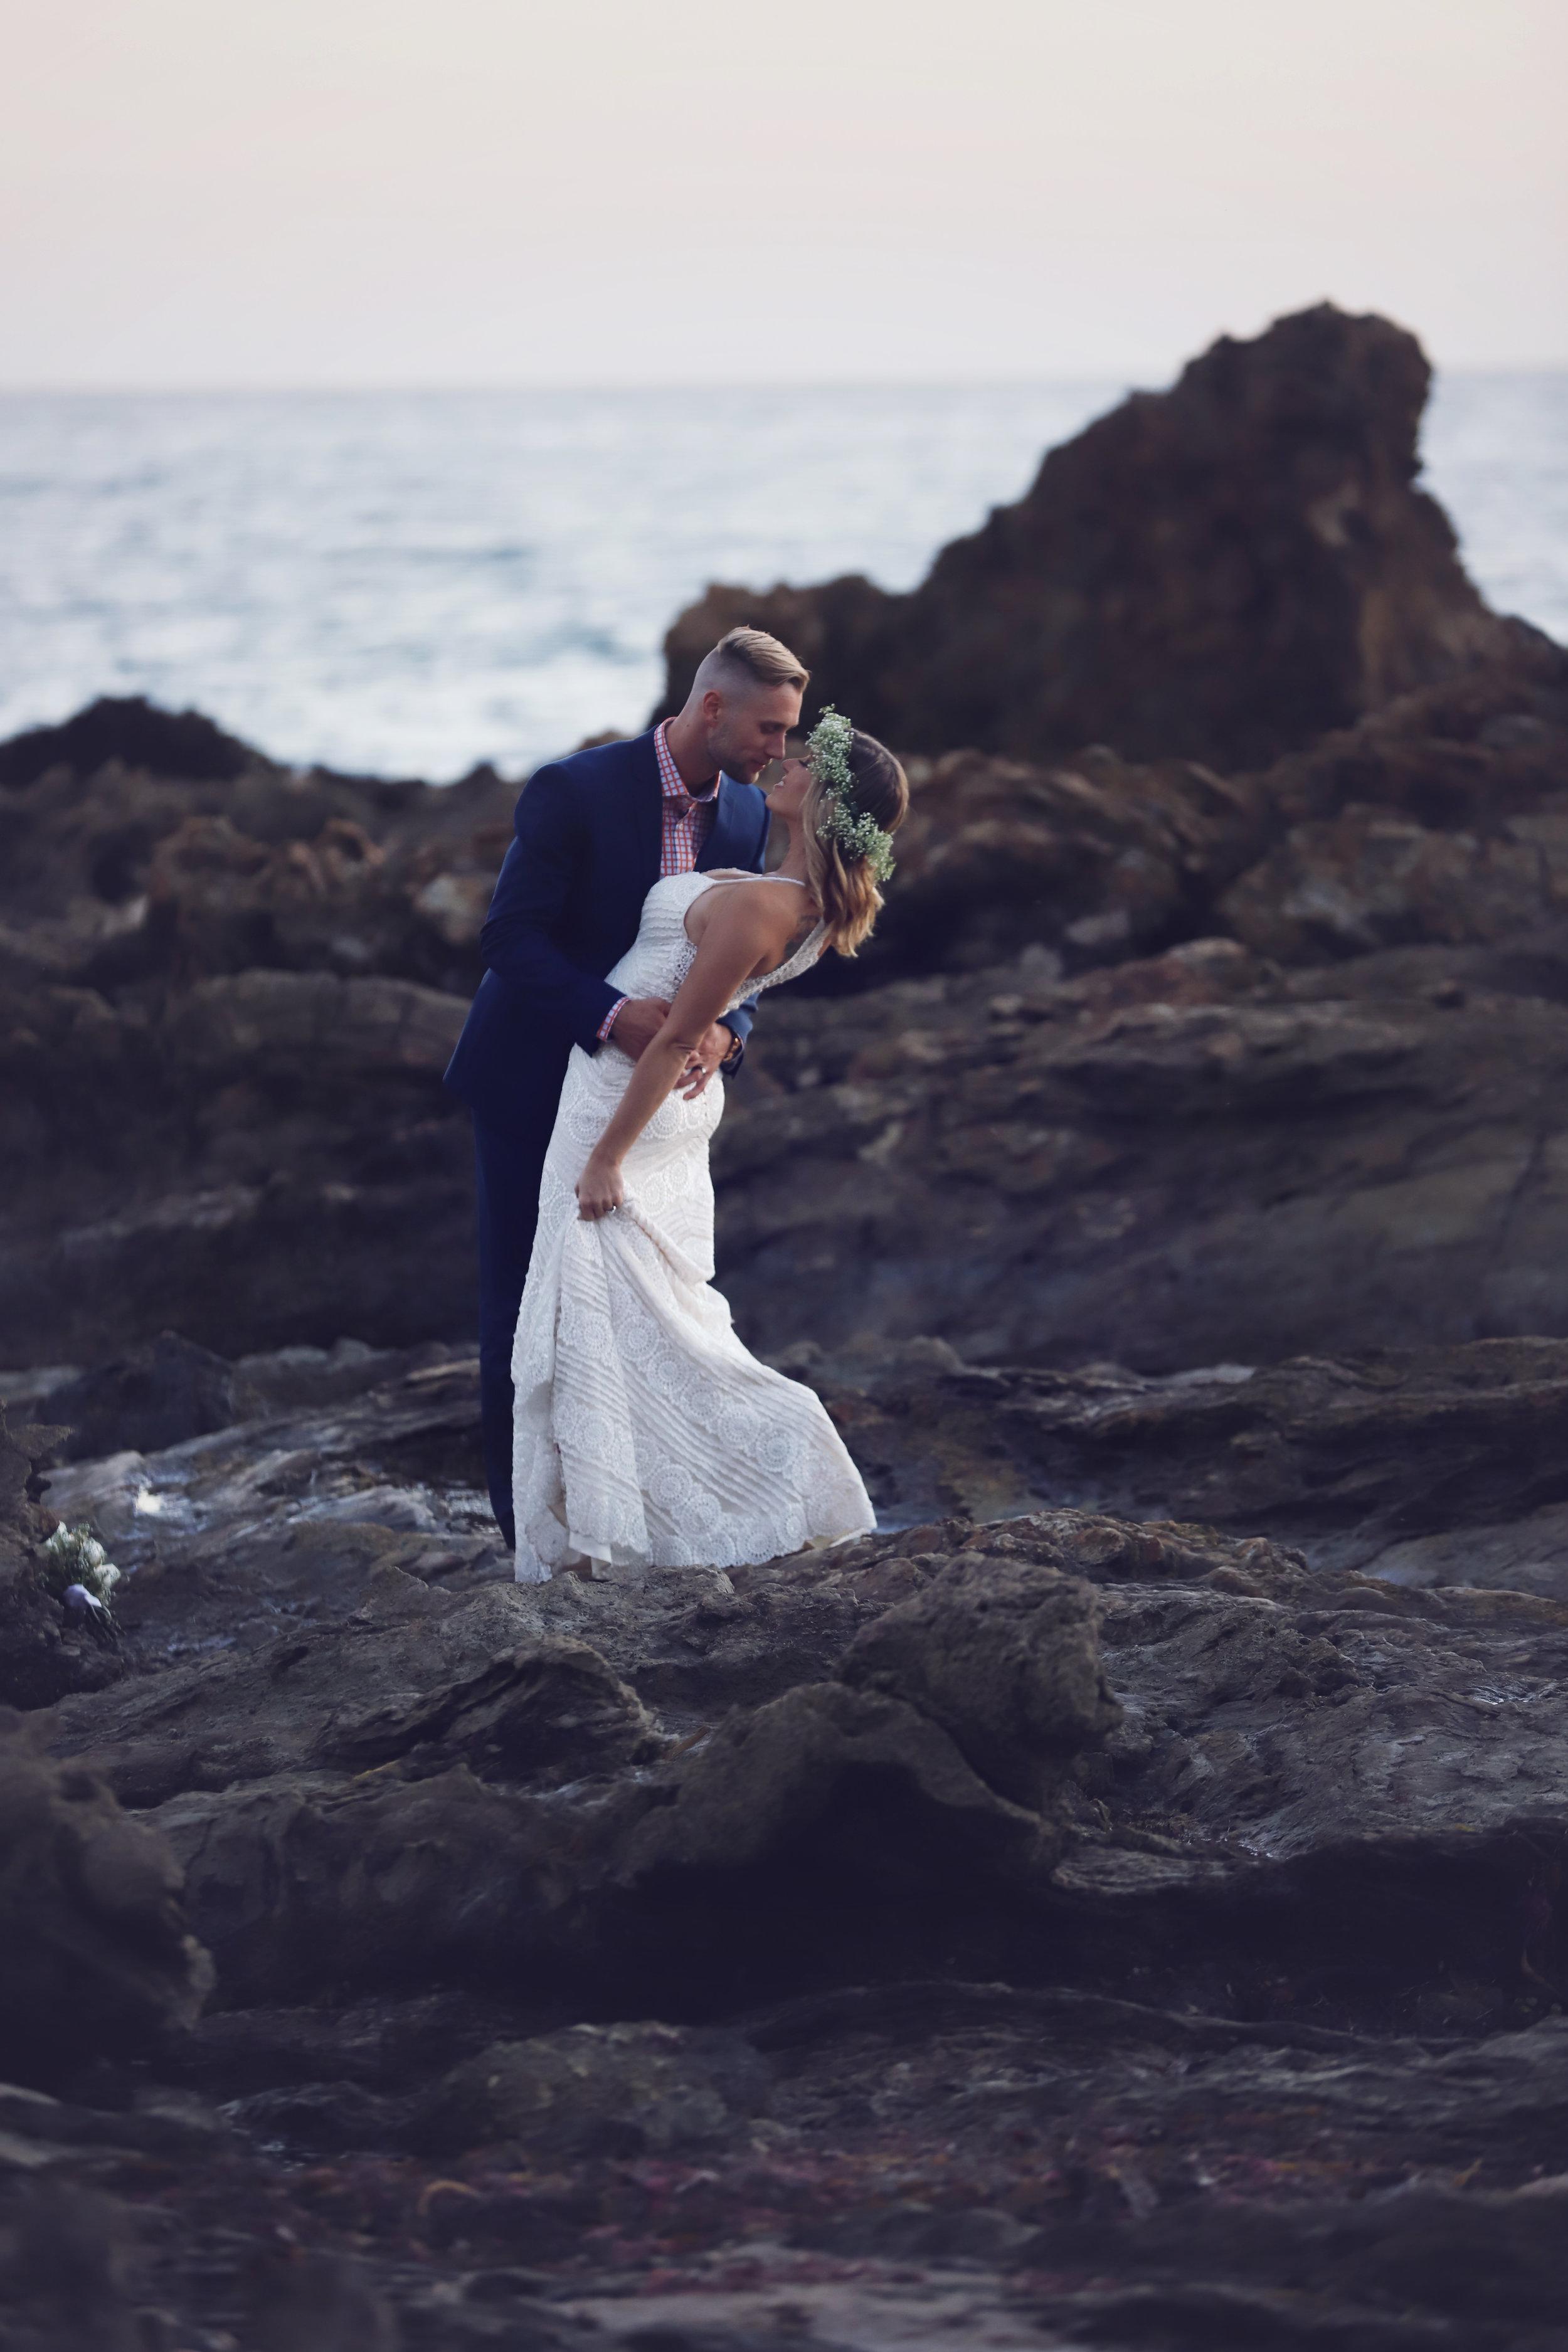 California wedding photos